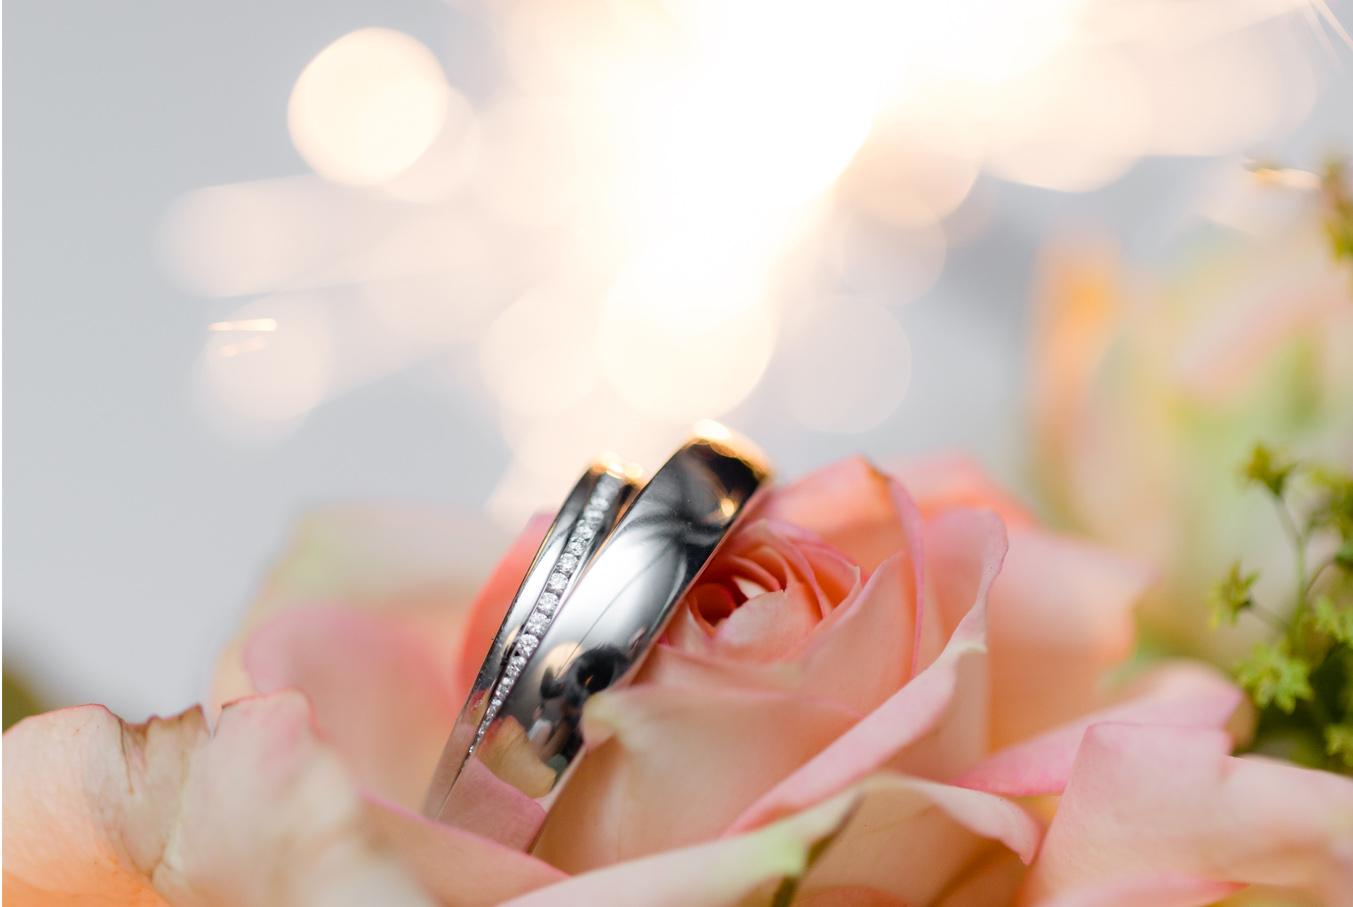 Vienna_Wien_Atzenbrugg_Hochzeit_Paar_Verlobung_Engagement_63